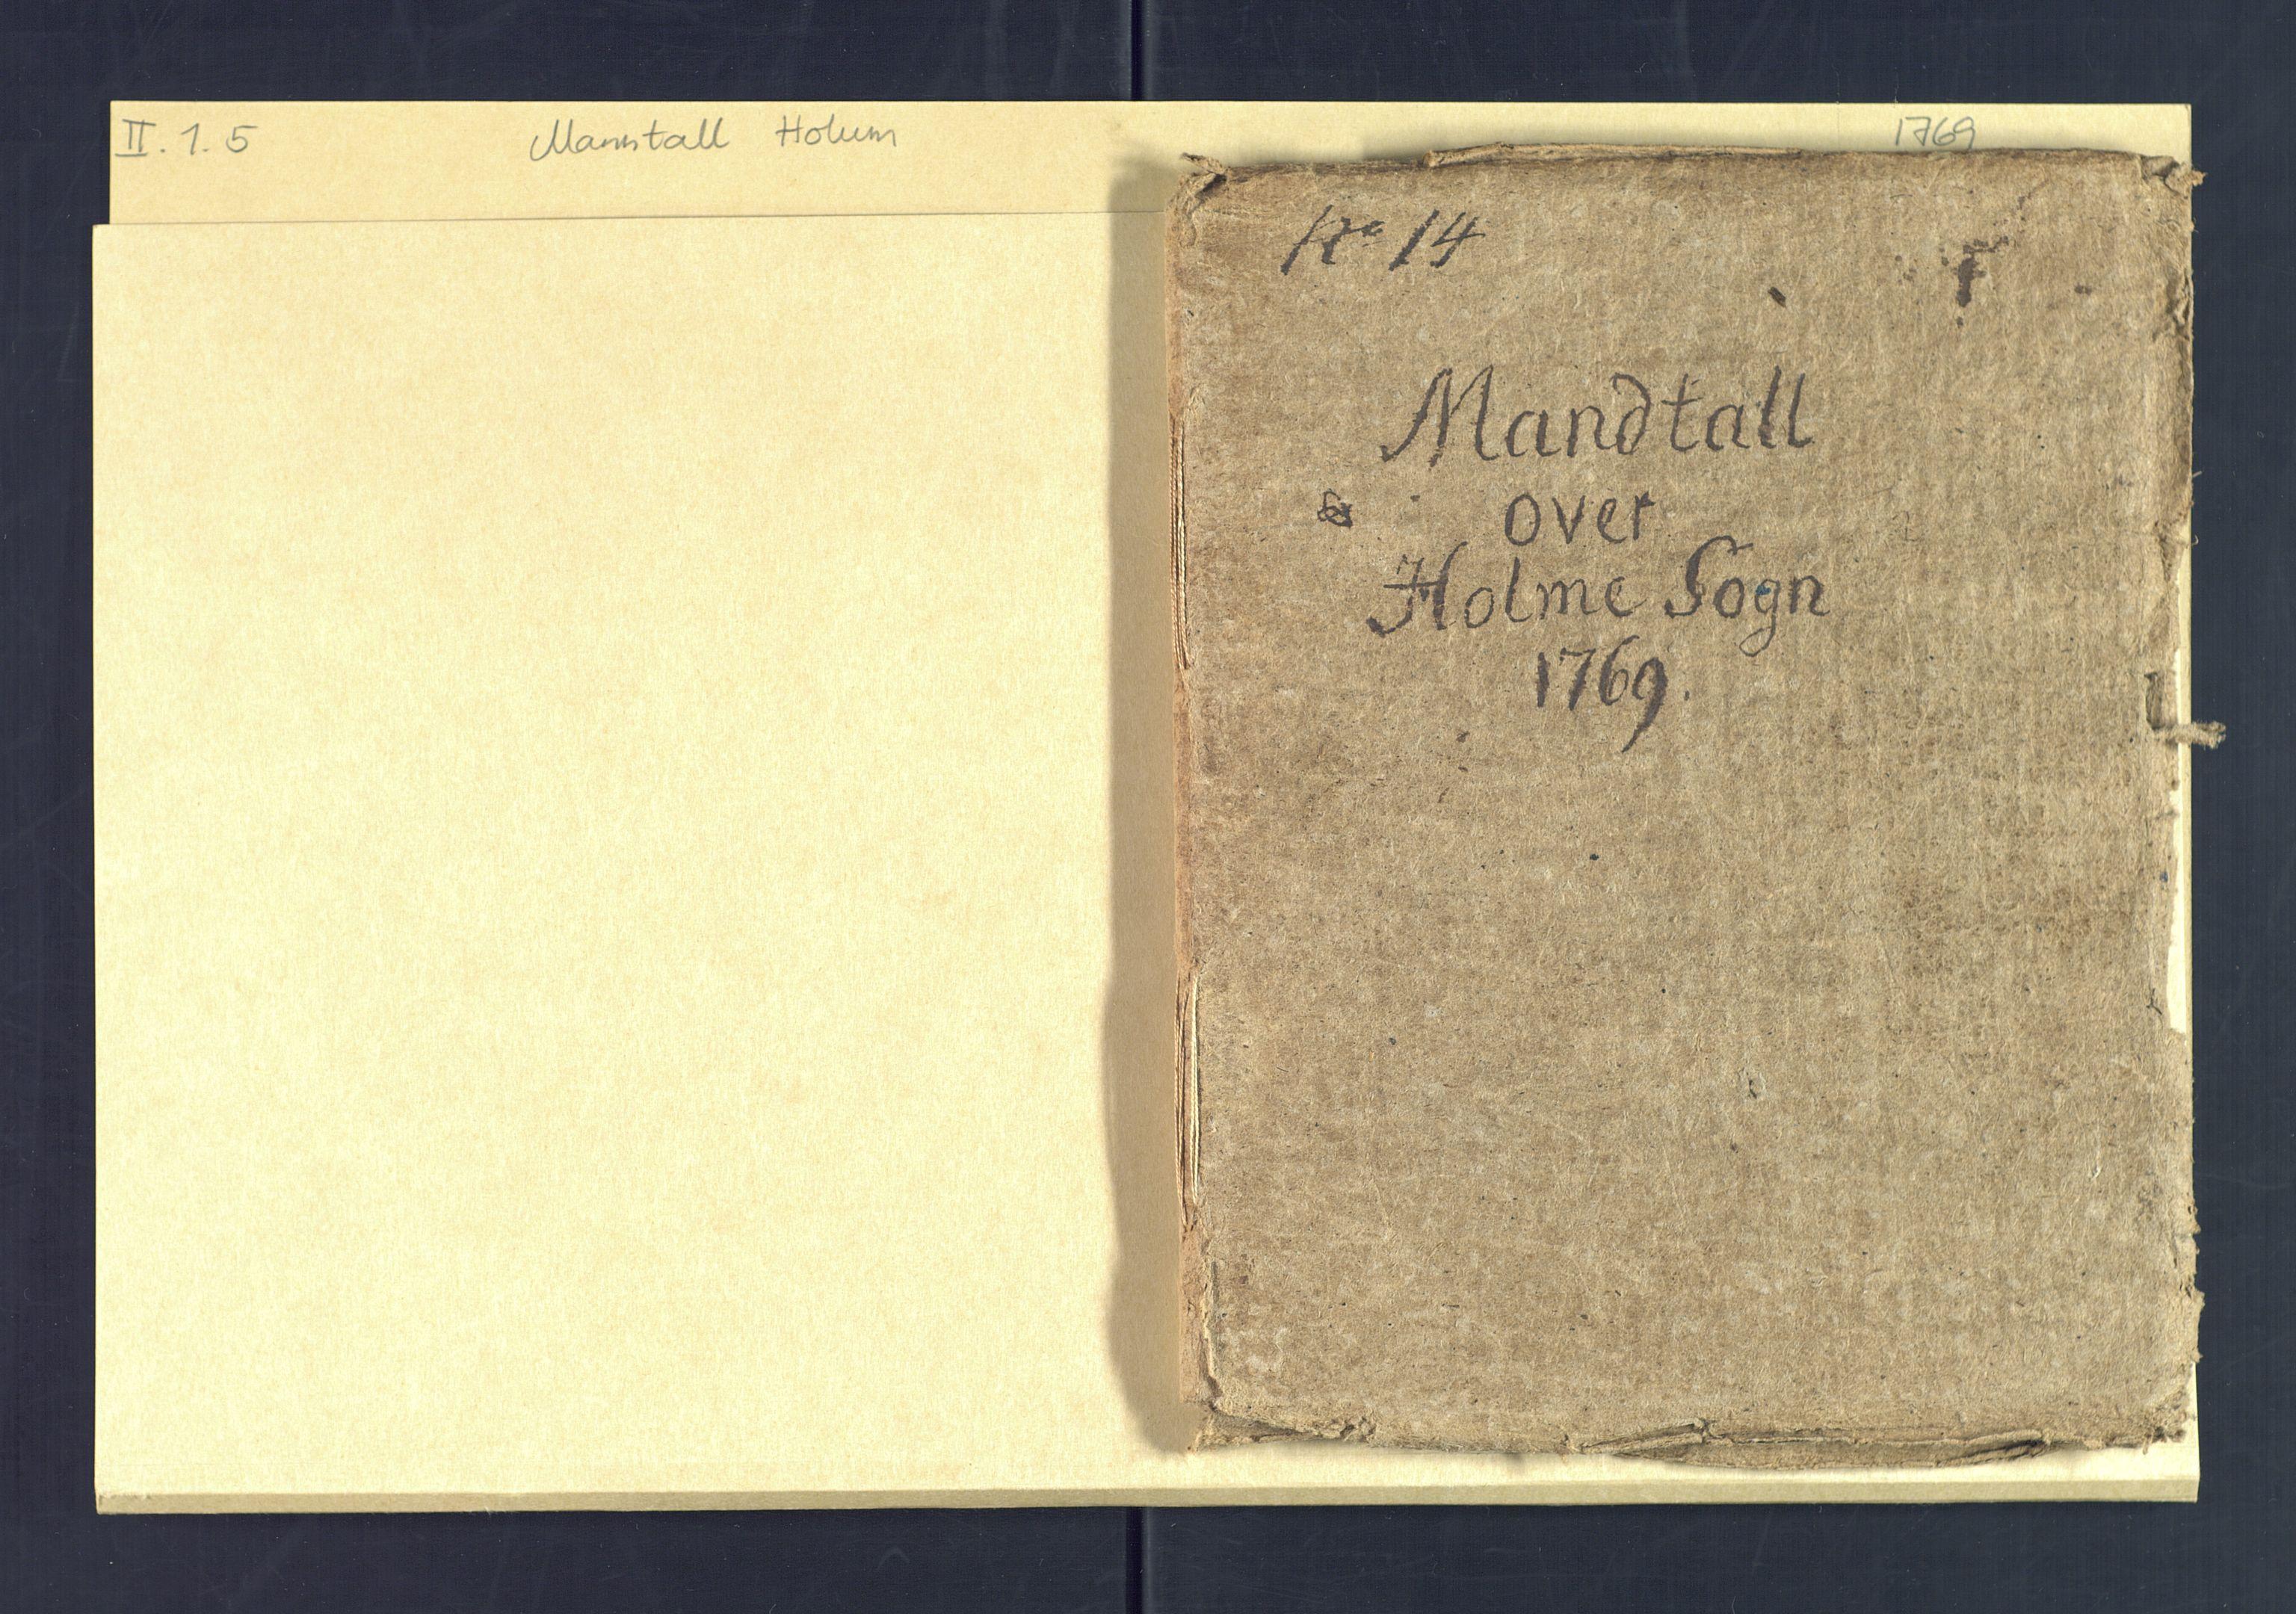 SAK, Holum sokneprestkontor, Andre øvrighetsfunksjoner, nr. 5: Manntall over alle mennesker som befant seg i Holum sokn 15. august 1769, 1769-1771, s. 1